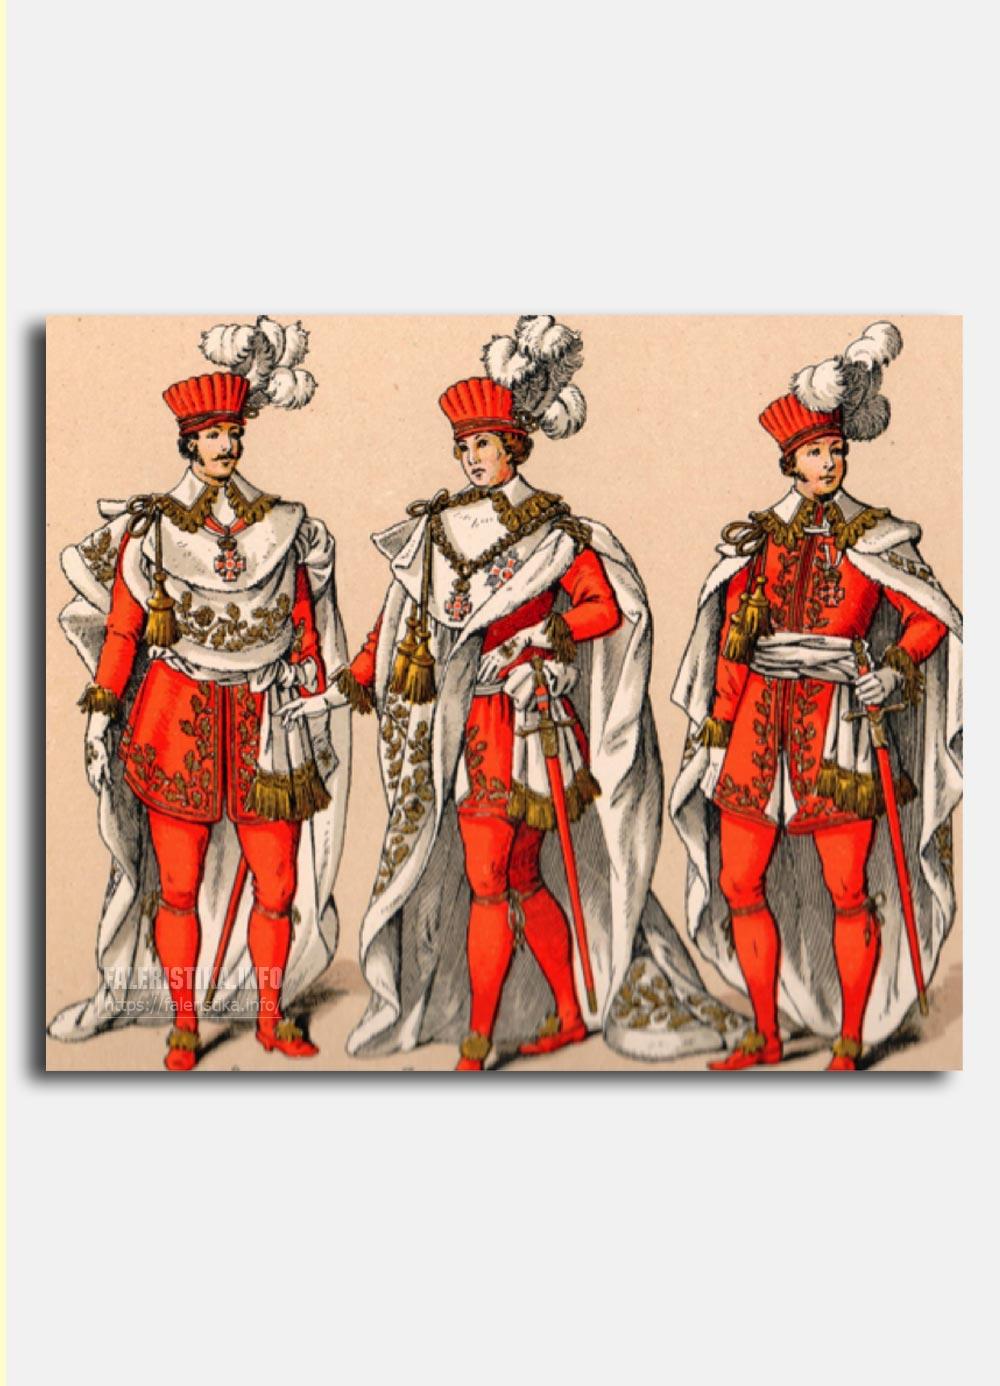 Орден Леопольда. Церемониальные одежды. Слева направо: Командор Ордена, кавалер Большого Креста Ордена, Рыцарь Ордена